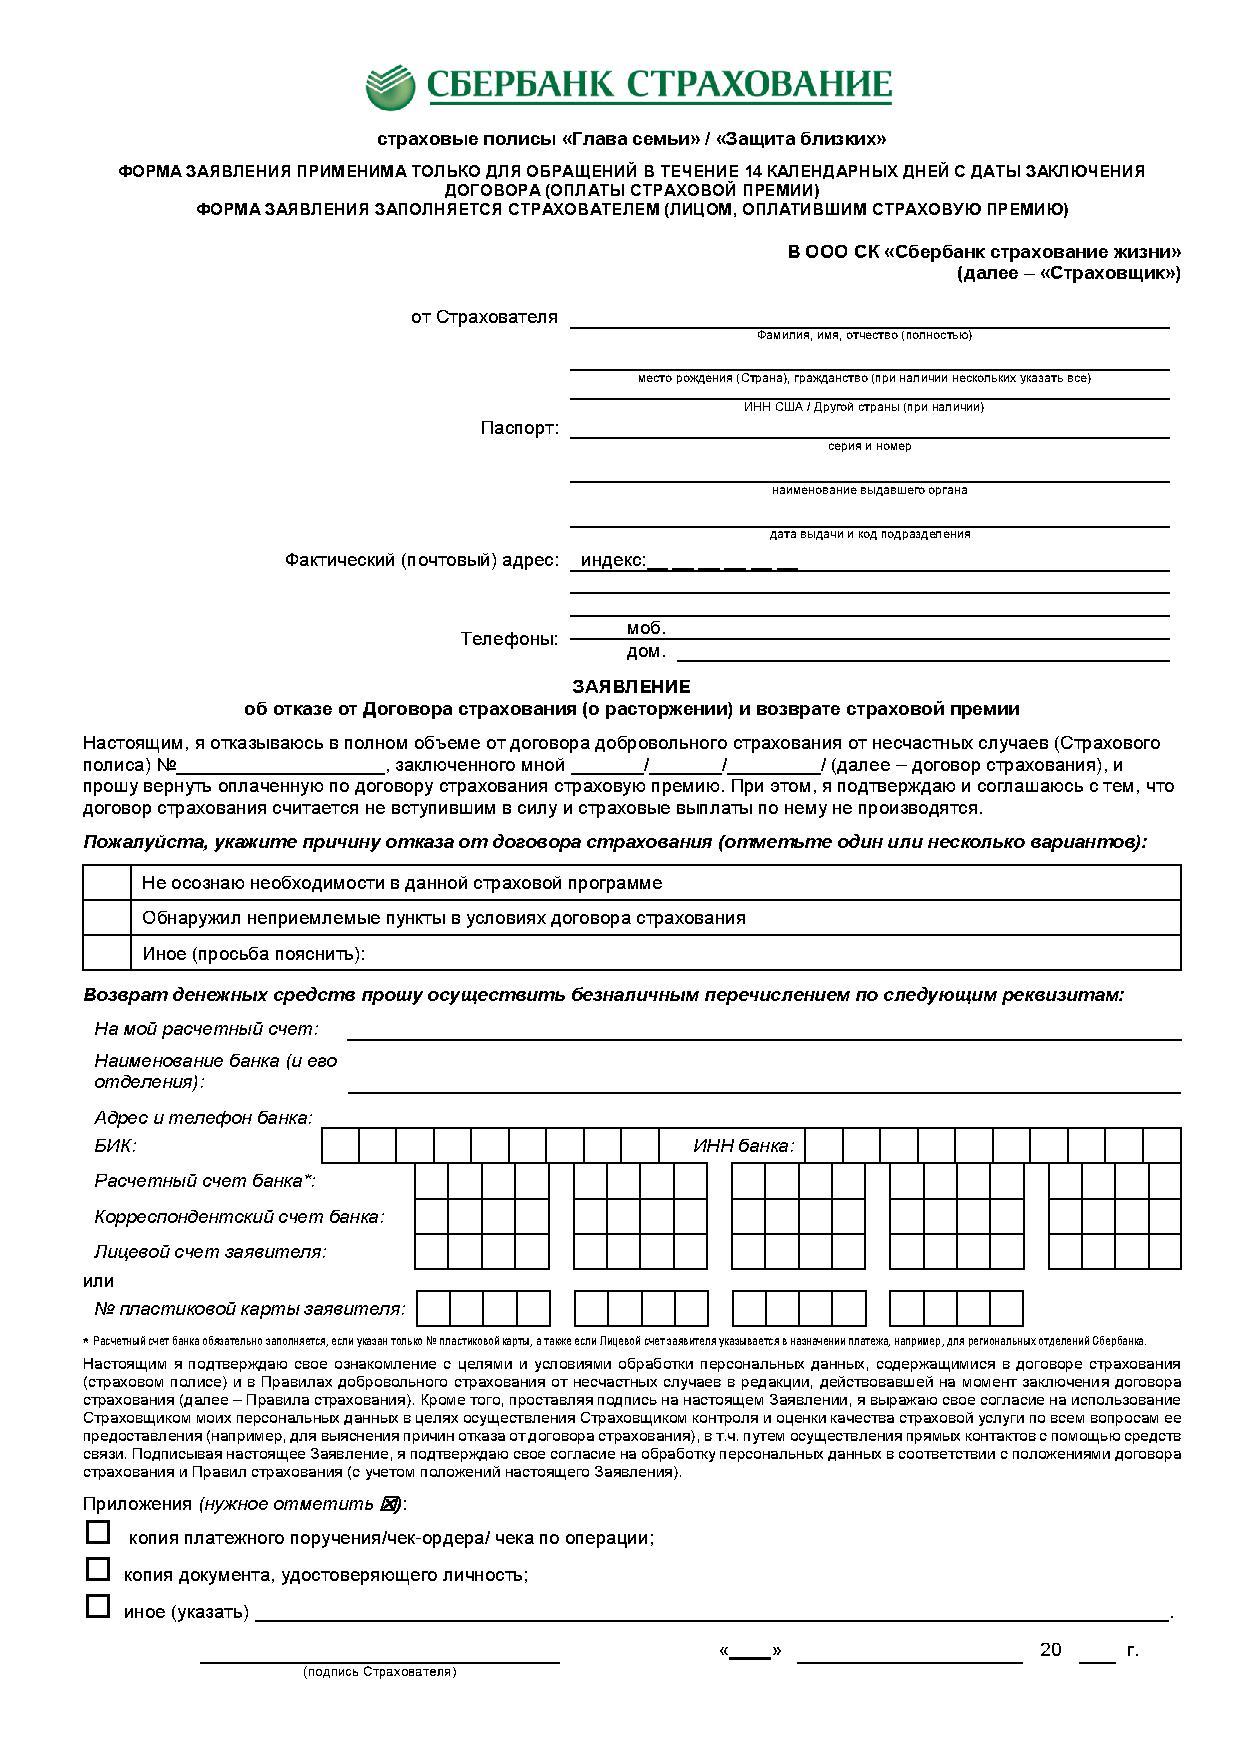 возвращается ли страховка при досрочном погашении кредита в сбербанке кредит консалтинг брокеридж официальный сайт